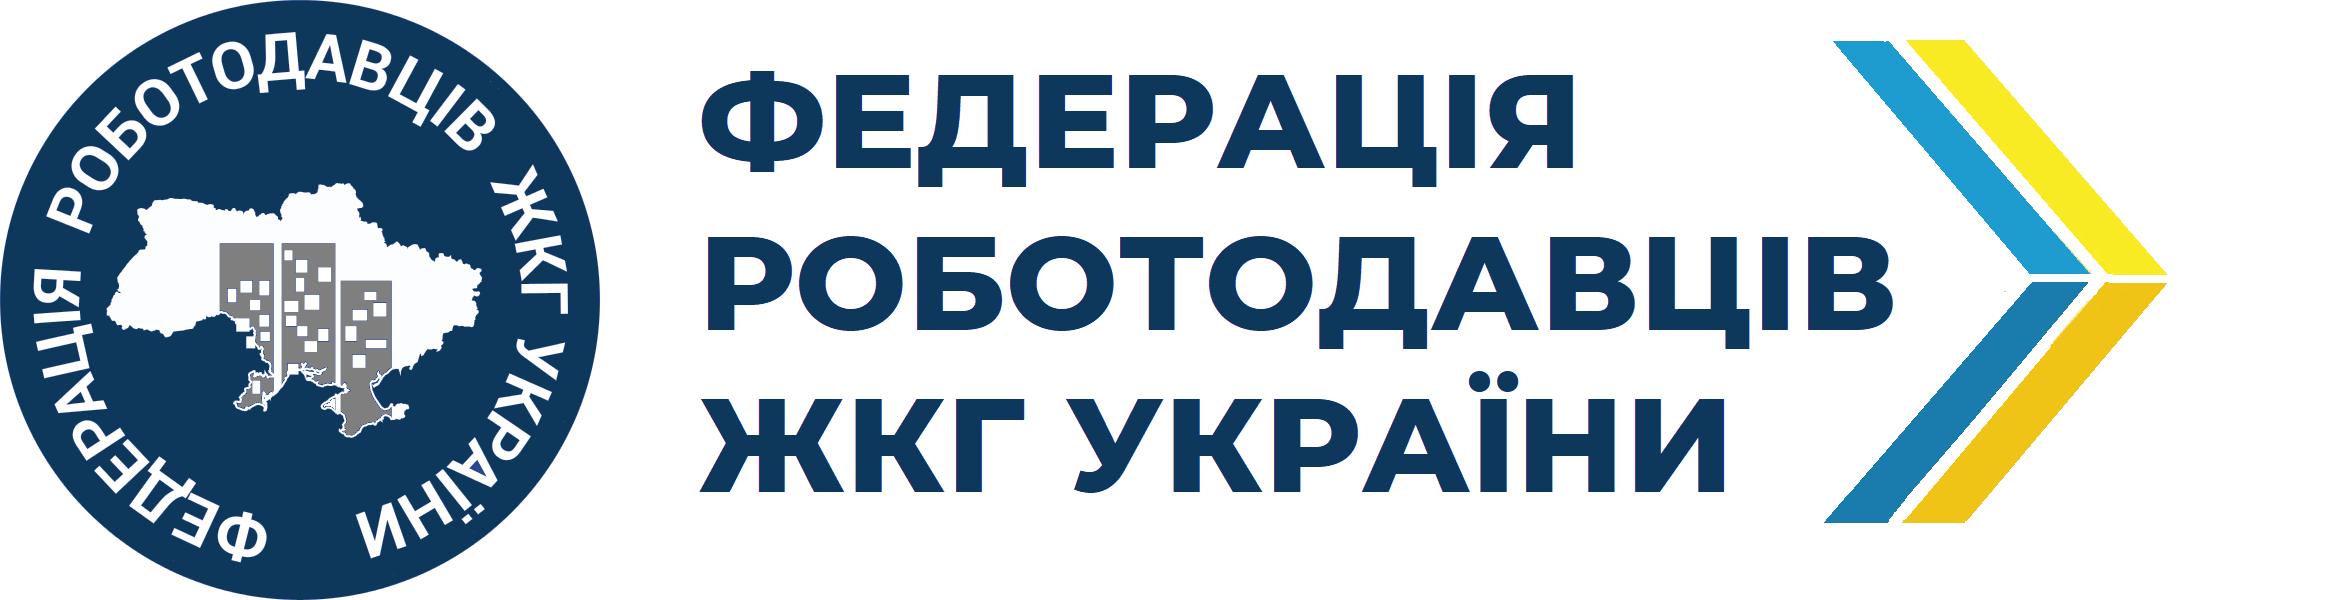 , Висновки щодо відповідності штатних розписів галузевим нормам, Федерація роботодавців ЖКГ України, КИЇВ